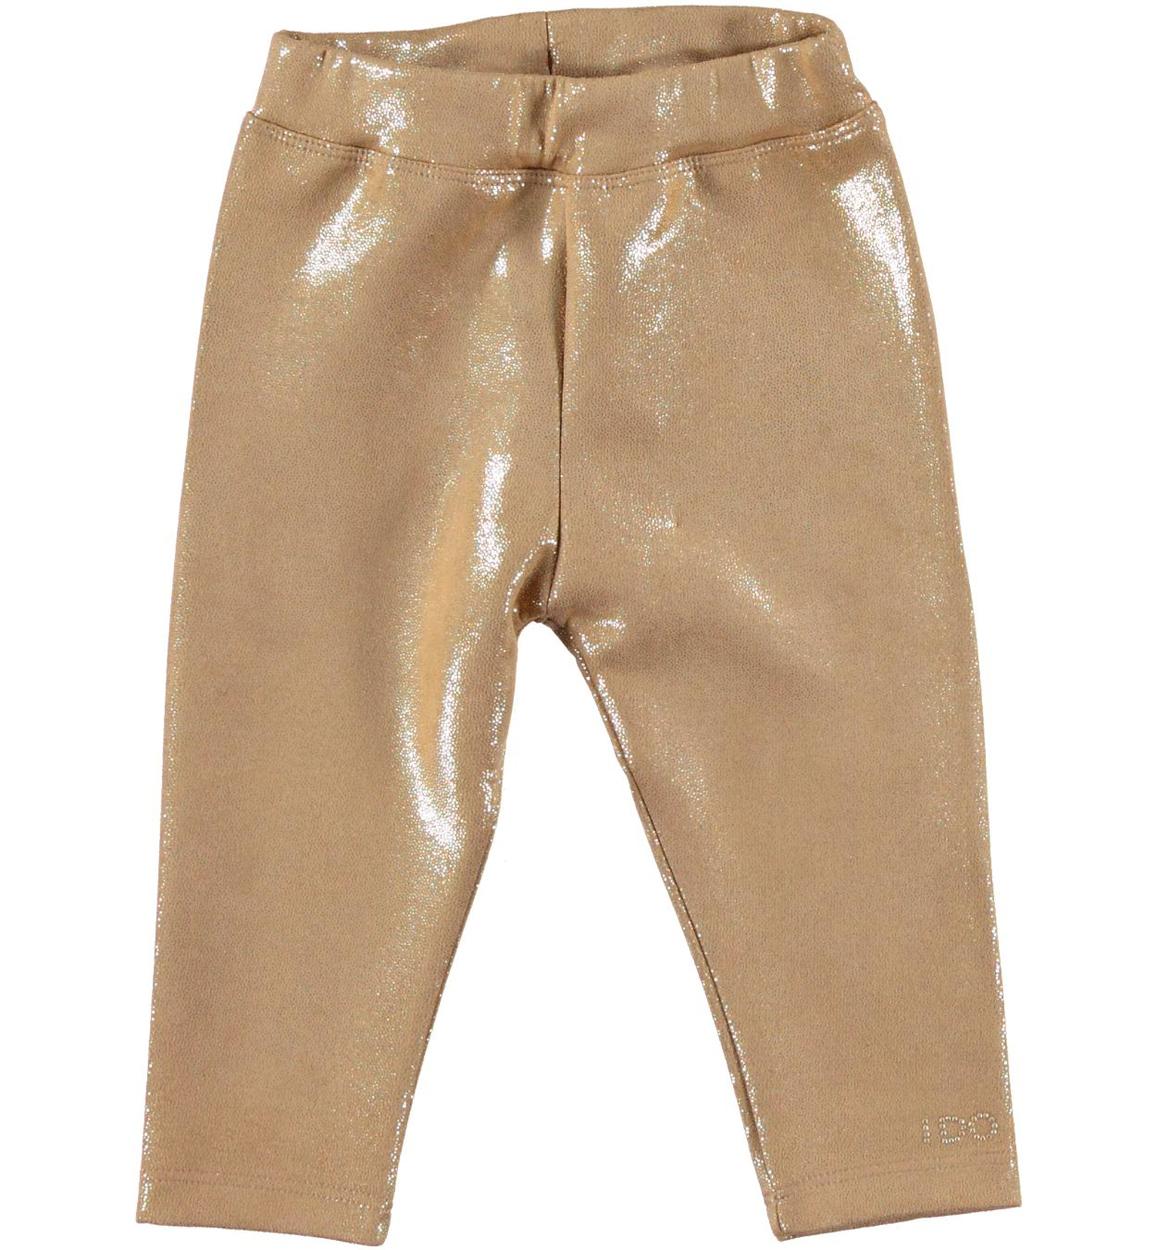 risparmi fantastici qualità eccellente top design Leggings in finta pelle scamosciata effetto lucido per bambina da ...